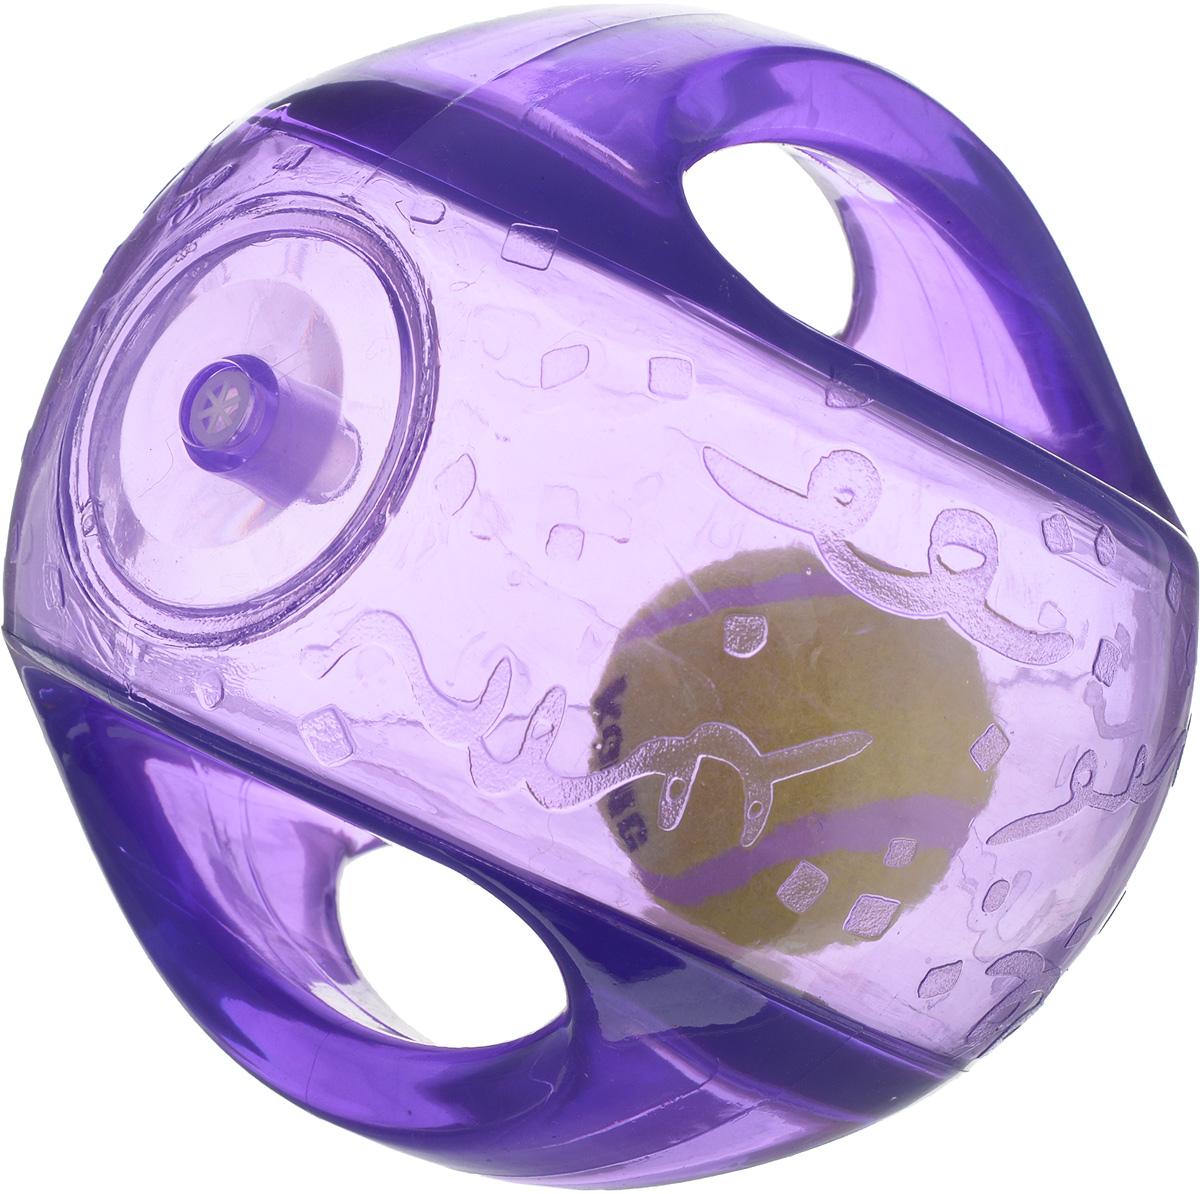 Игрушка для собак Kong Мячик, с пищалкой, цвет: прозрачный, фиолетовый, 12 х 12 х 12 см игрушка для собак kong регби с пищалкой цвет прозрачный фиолетовый 18 х 9 х 9 см